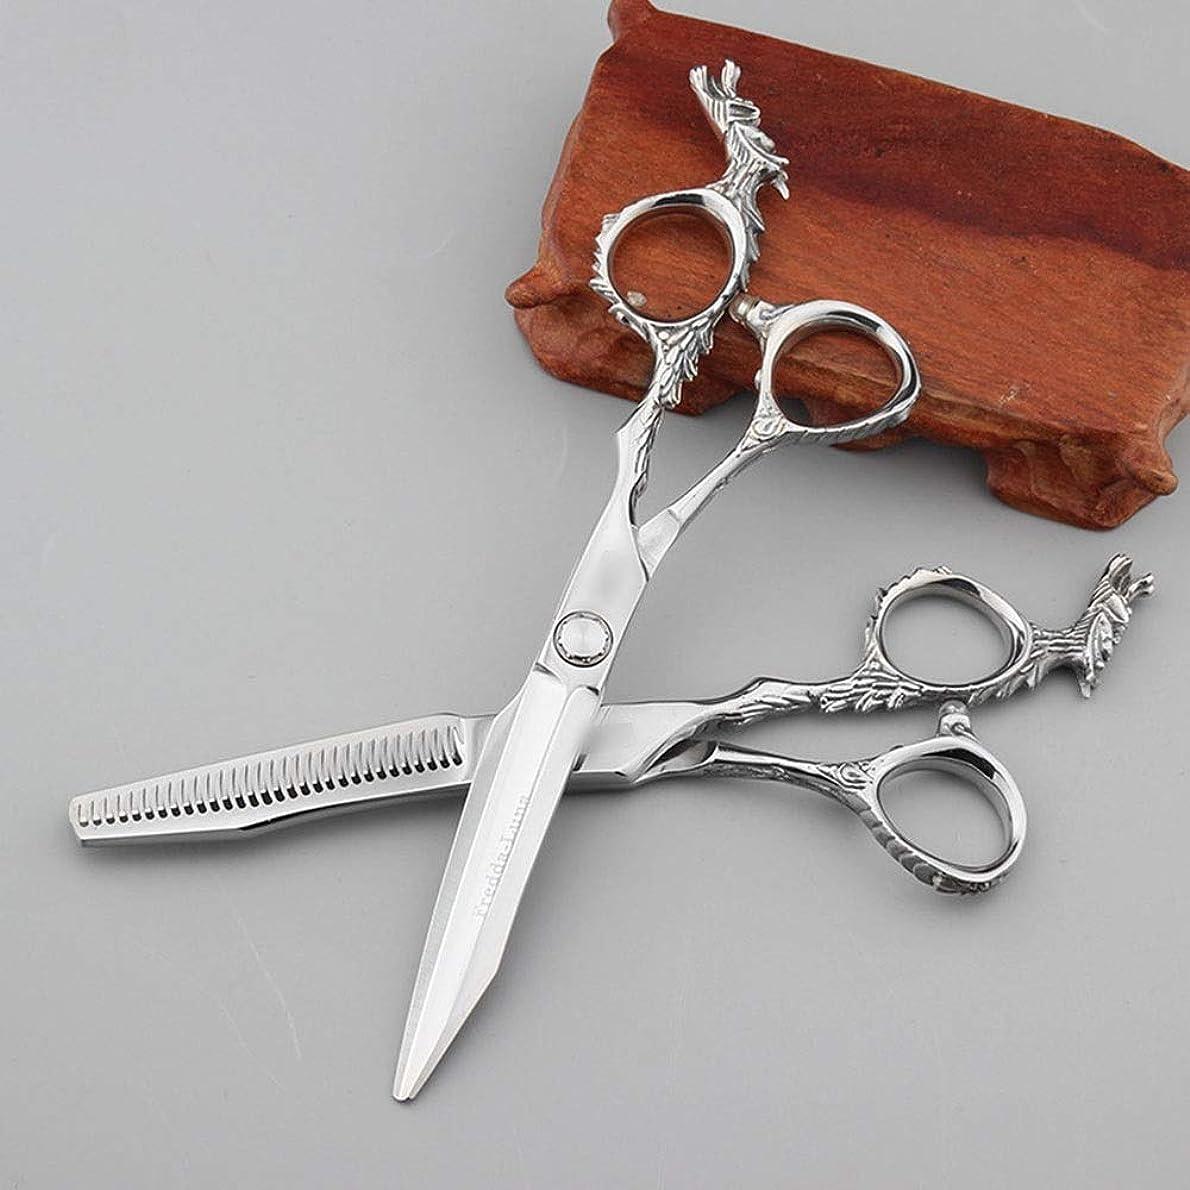 受け入れる資格スーダン6インチドラゴン型彫刻ハンドルデザイン、美容院プロのヘアカットフラットシザー+歯シザーセット モデリングツール (色 : Silver)